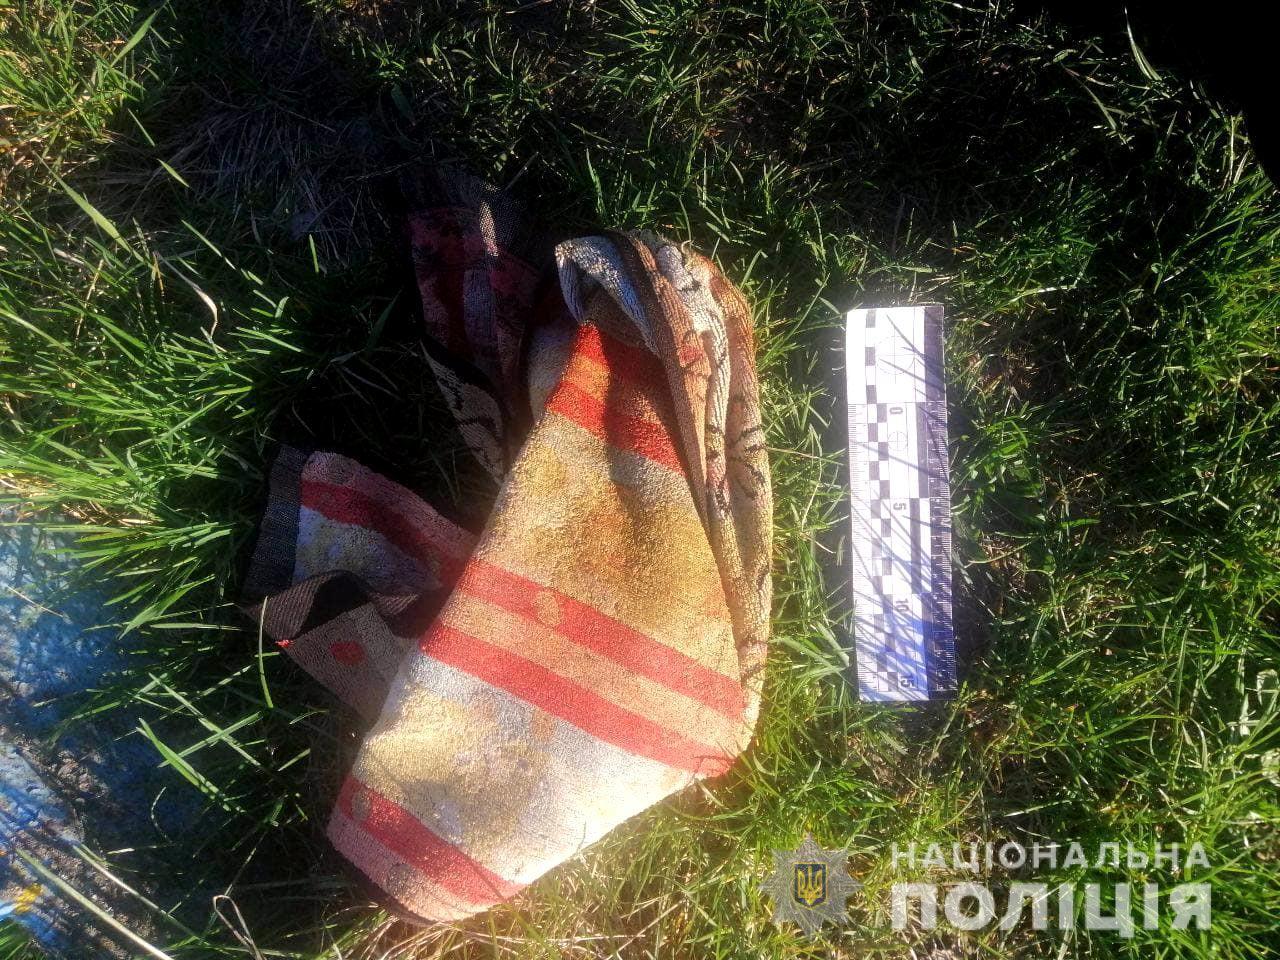 Не витримала п'яного скандалу: на Рівненщині жінка всадила ножа в серце чоловіку